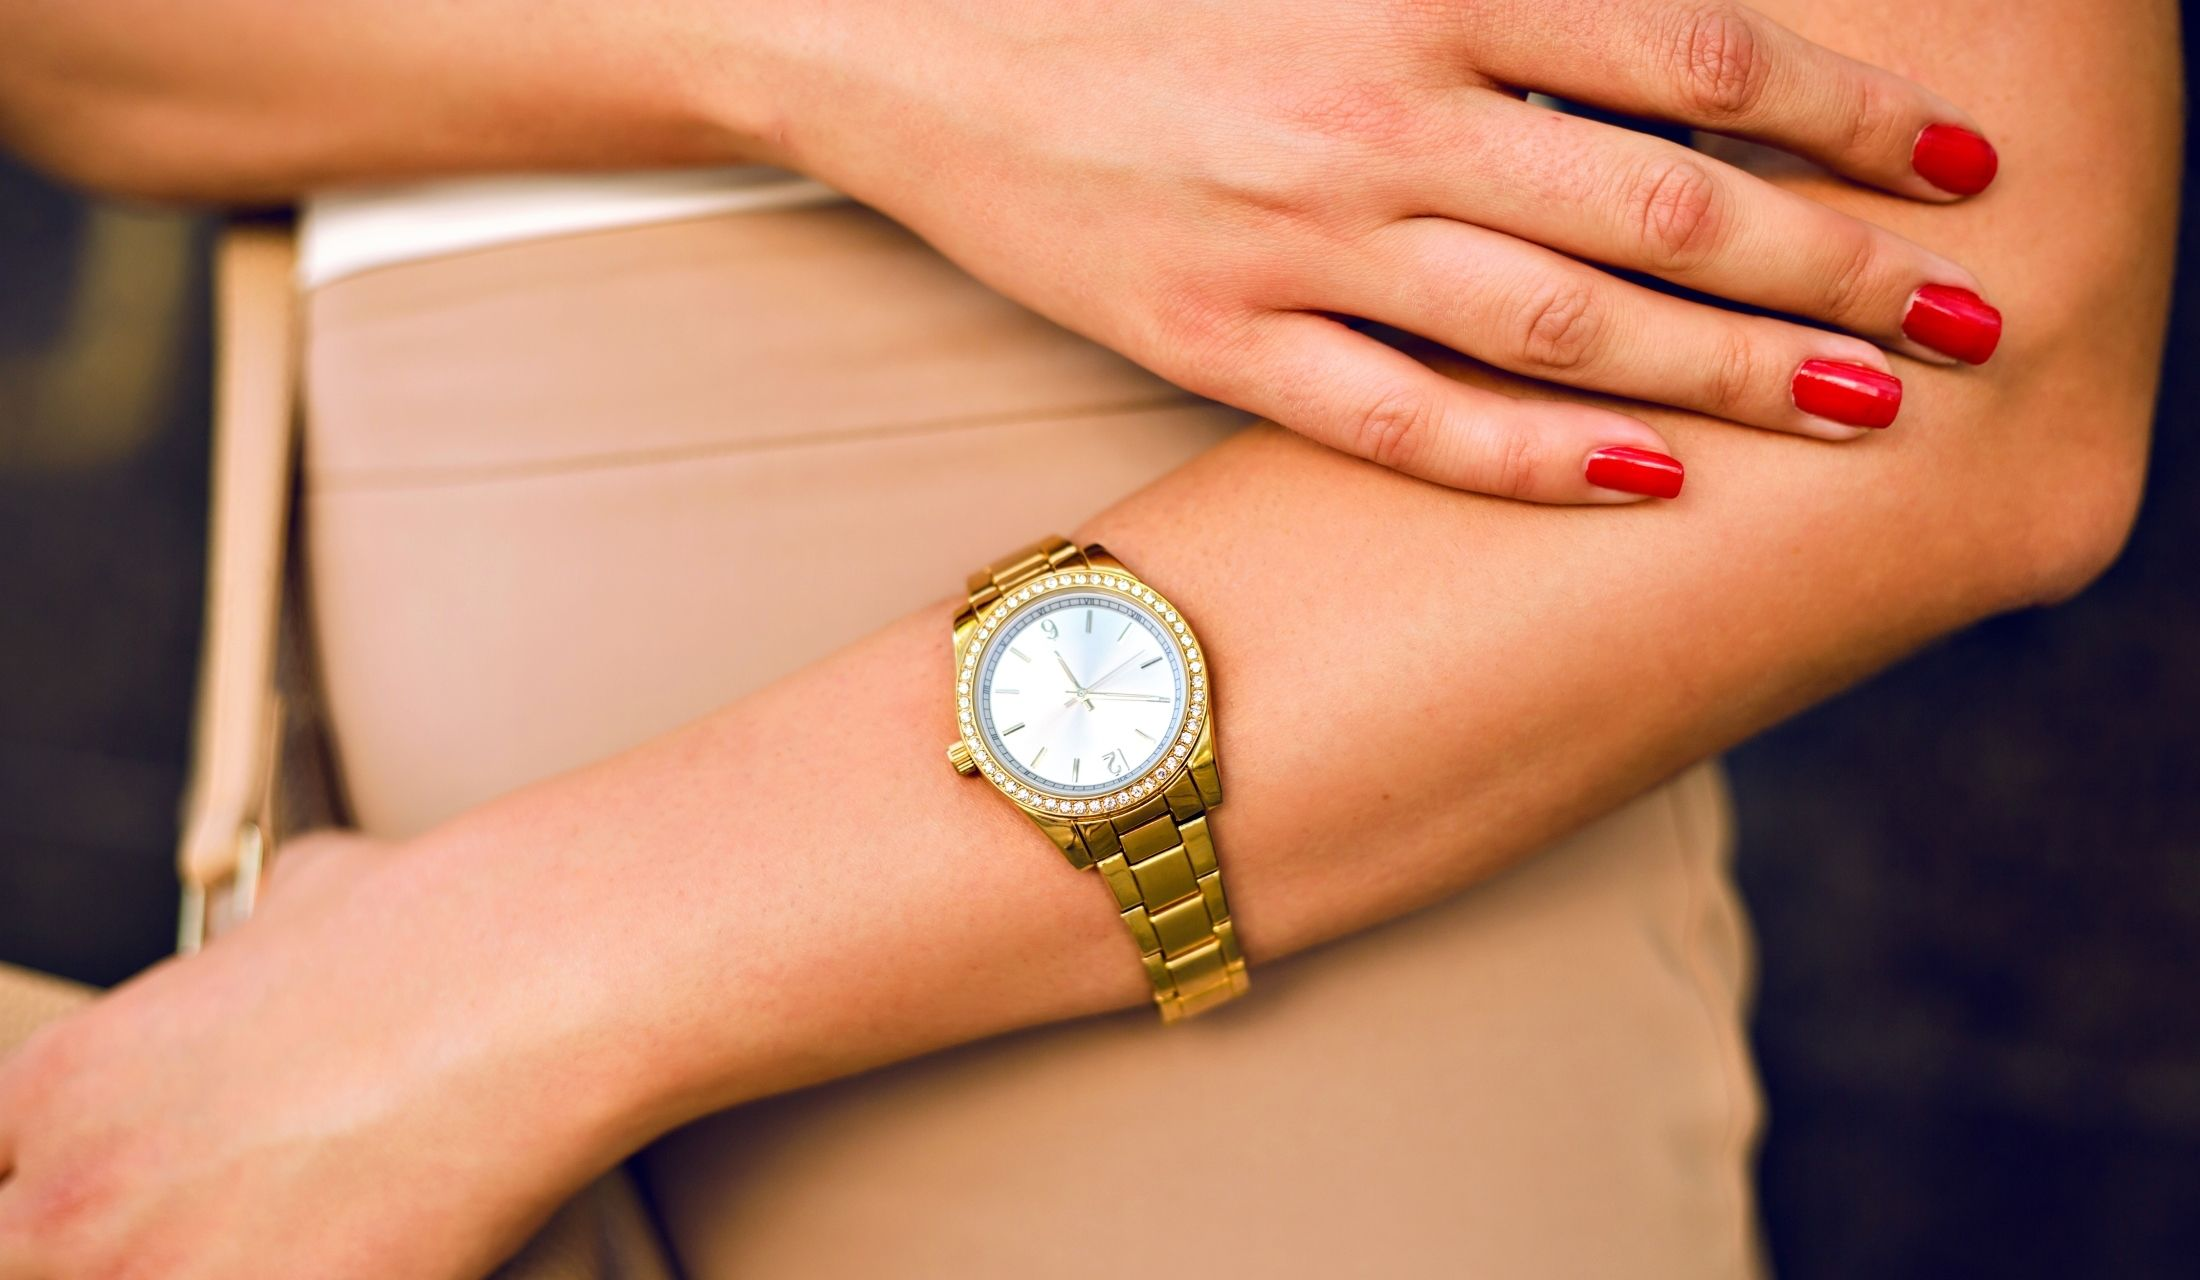 時計をしている女性の手元